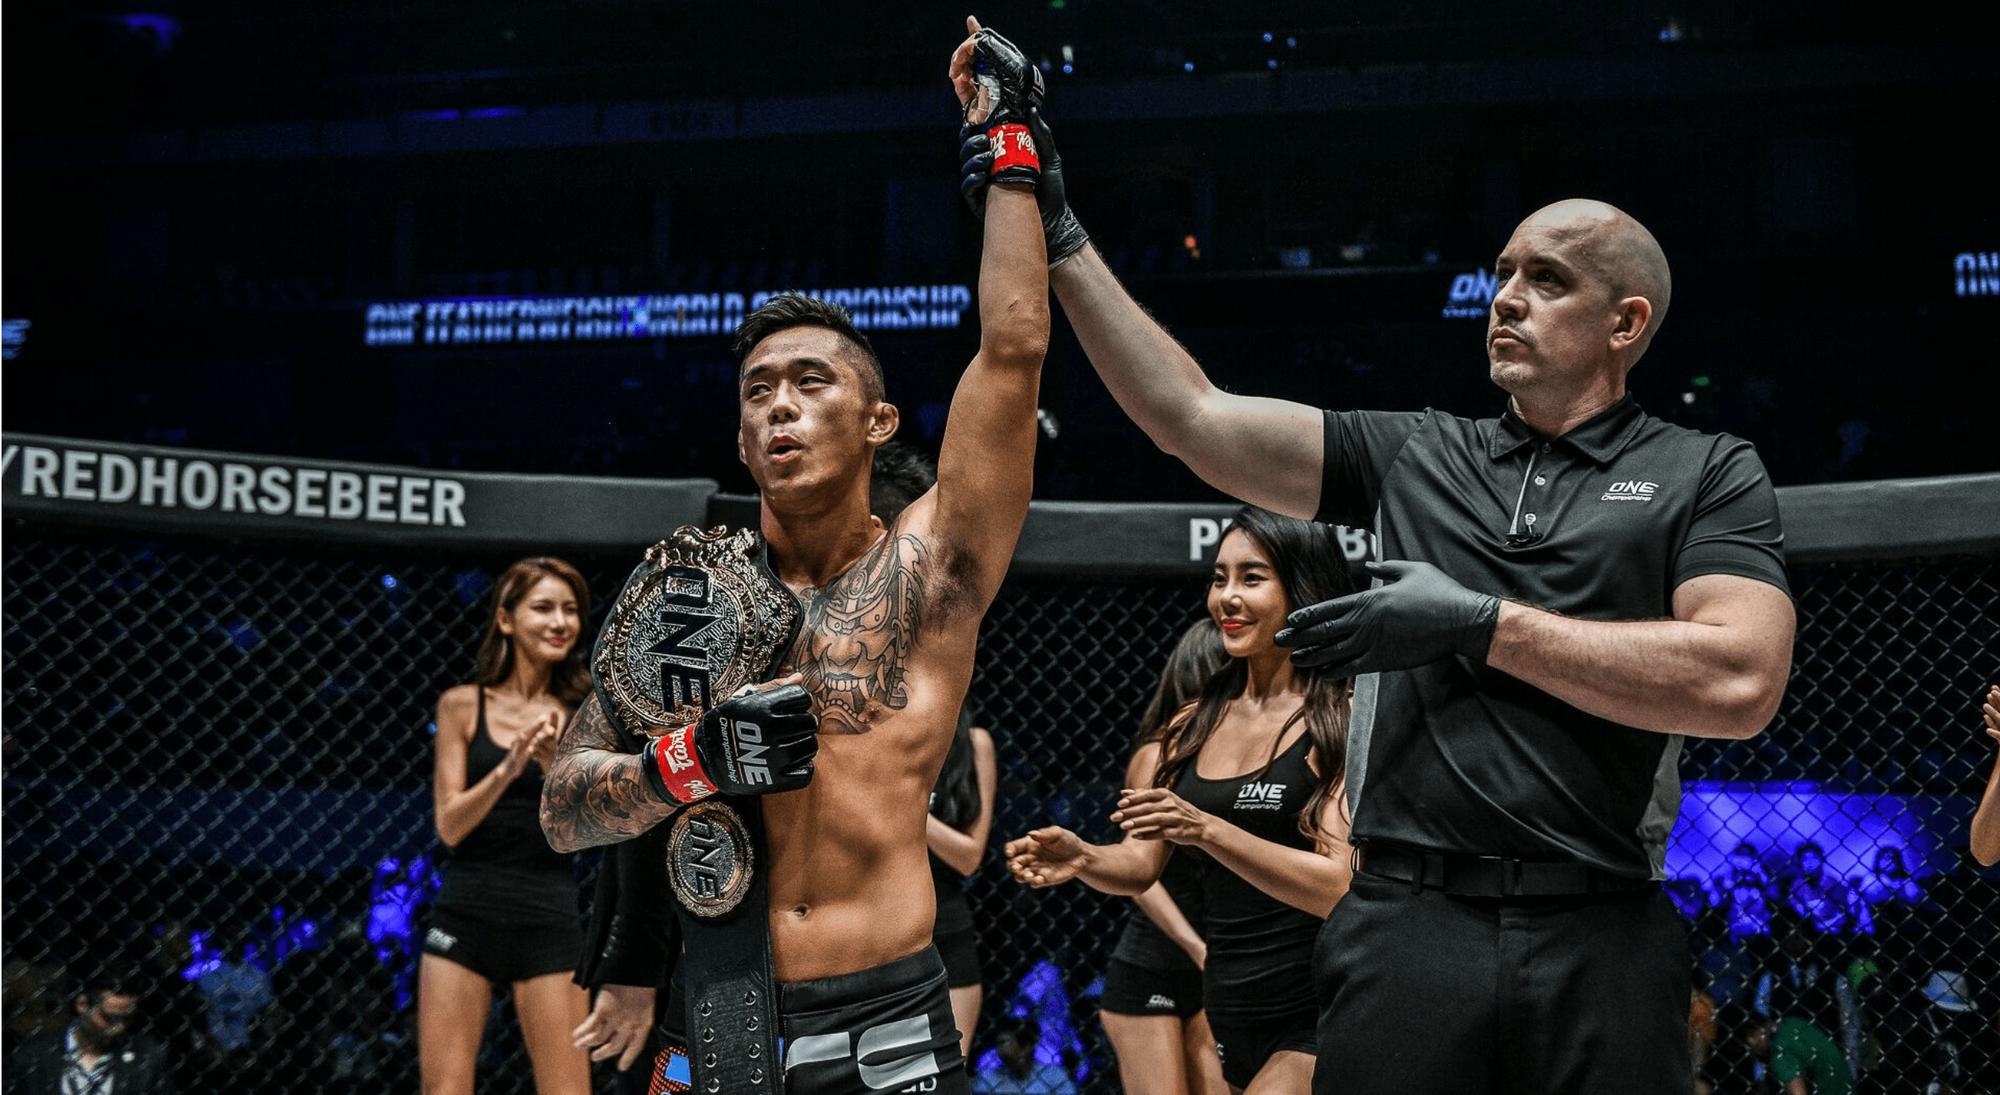 Nhà vô địch Martin Nguyễn chia sẻ về trận đại chiến với Thành Lê: Chúng tôi sẽ cho cả thế giới thấy MMA của Việt Nam đang ở đâu - Ảnh 1.